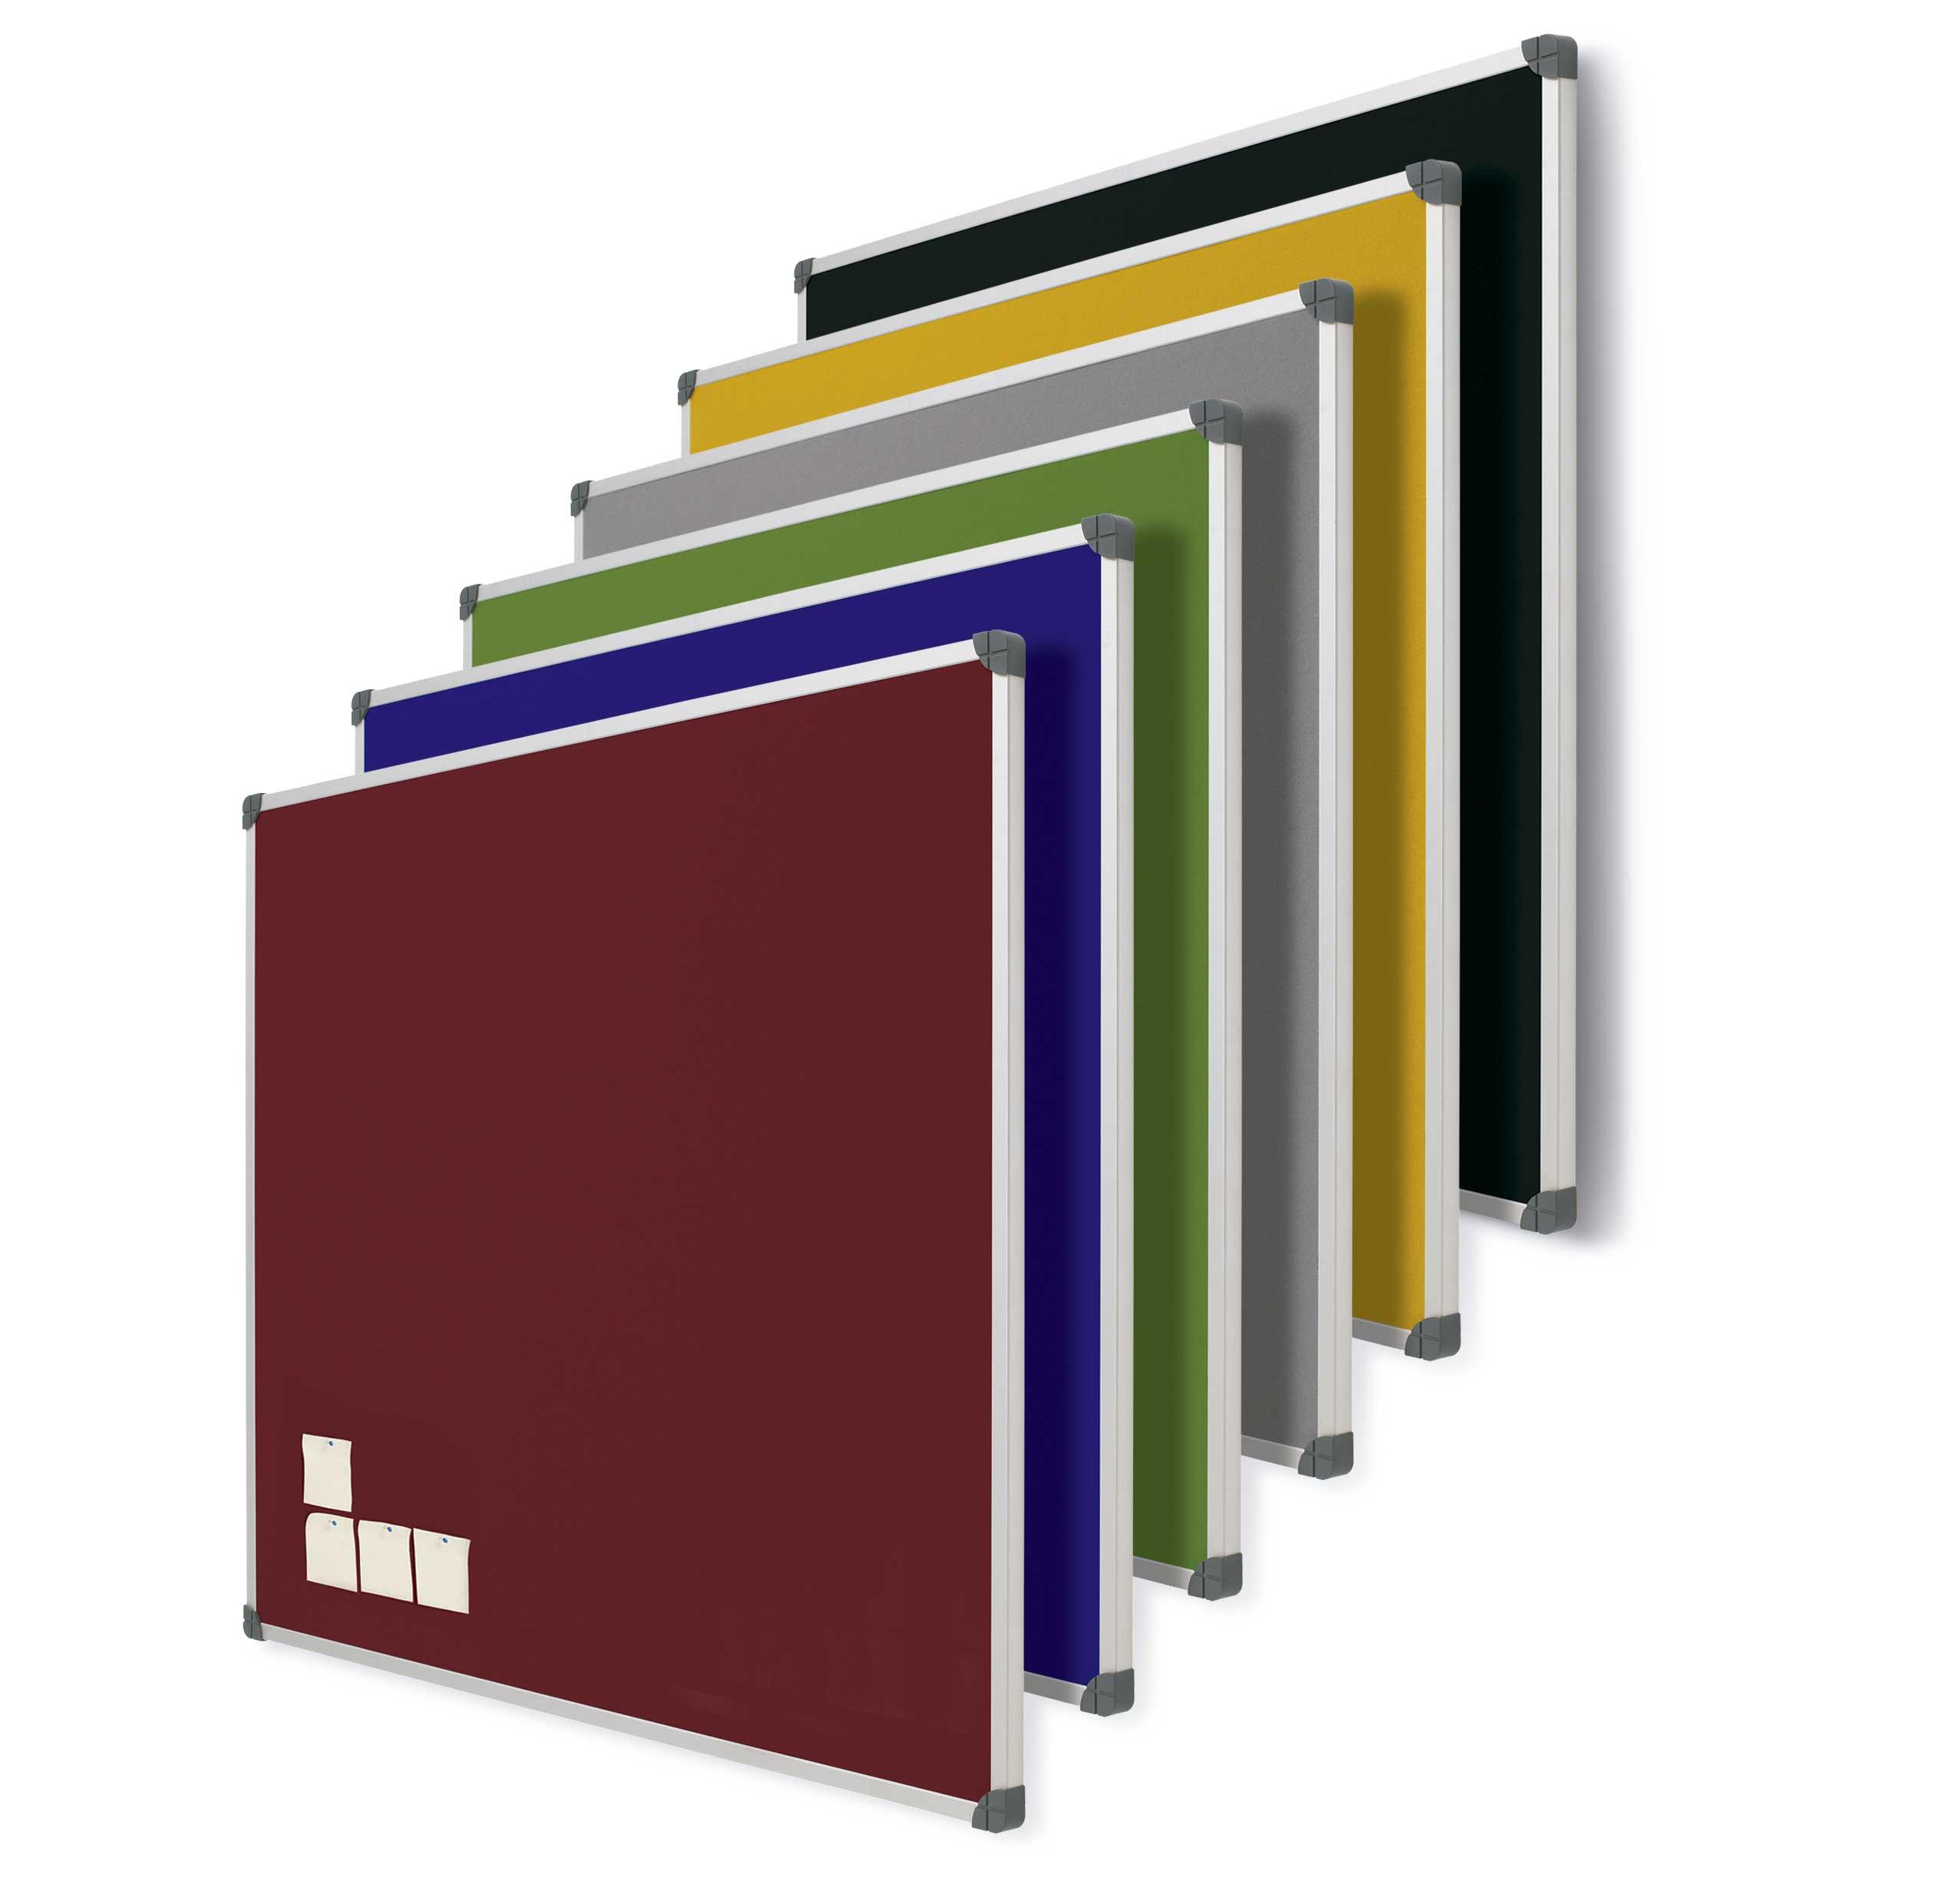 760 - Tablero de corcho tapizado - Planning Sisplamo